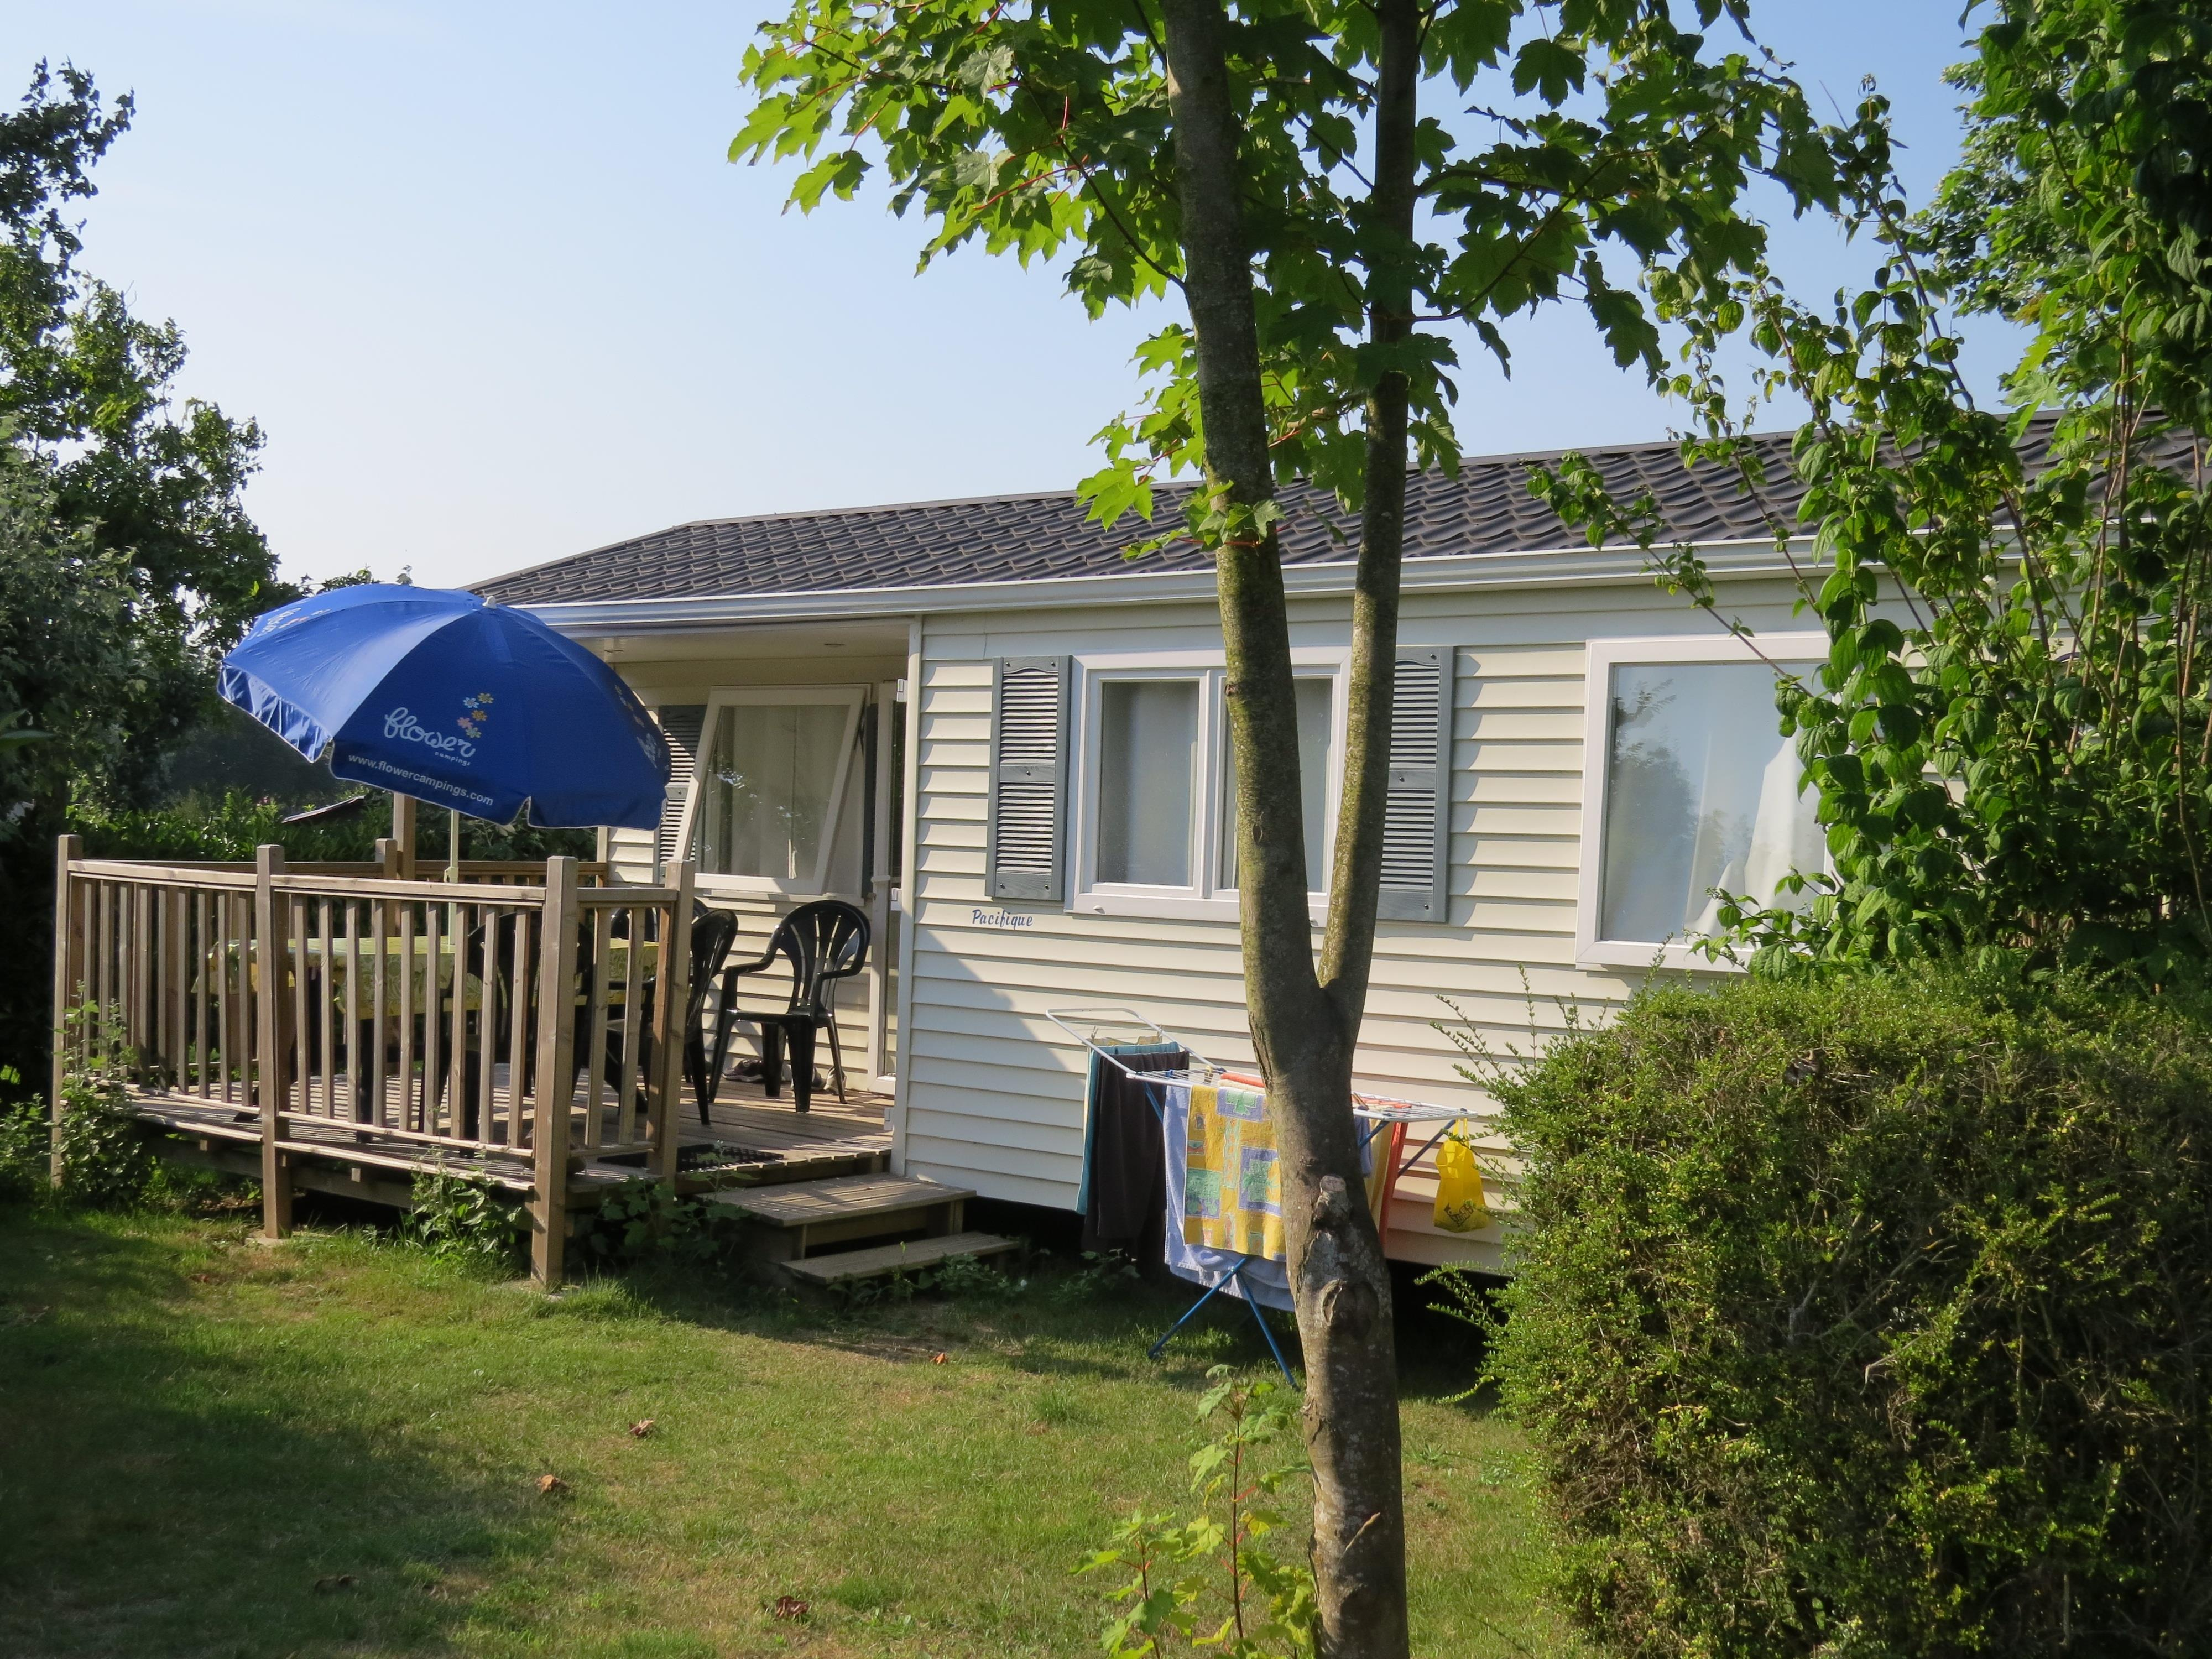 Mobil-Home CONFORT 25m² - 2 chambres + Terrasse semi-couverte